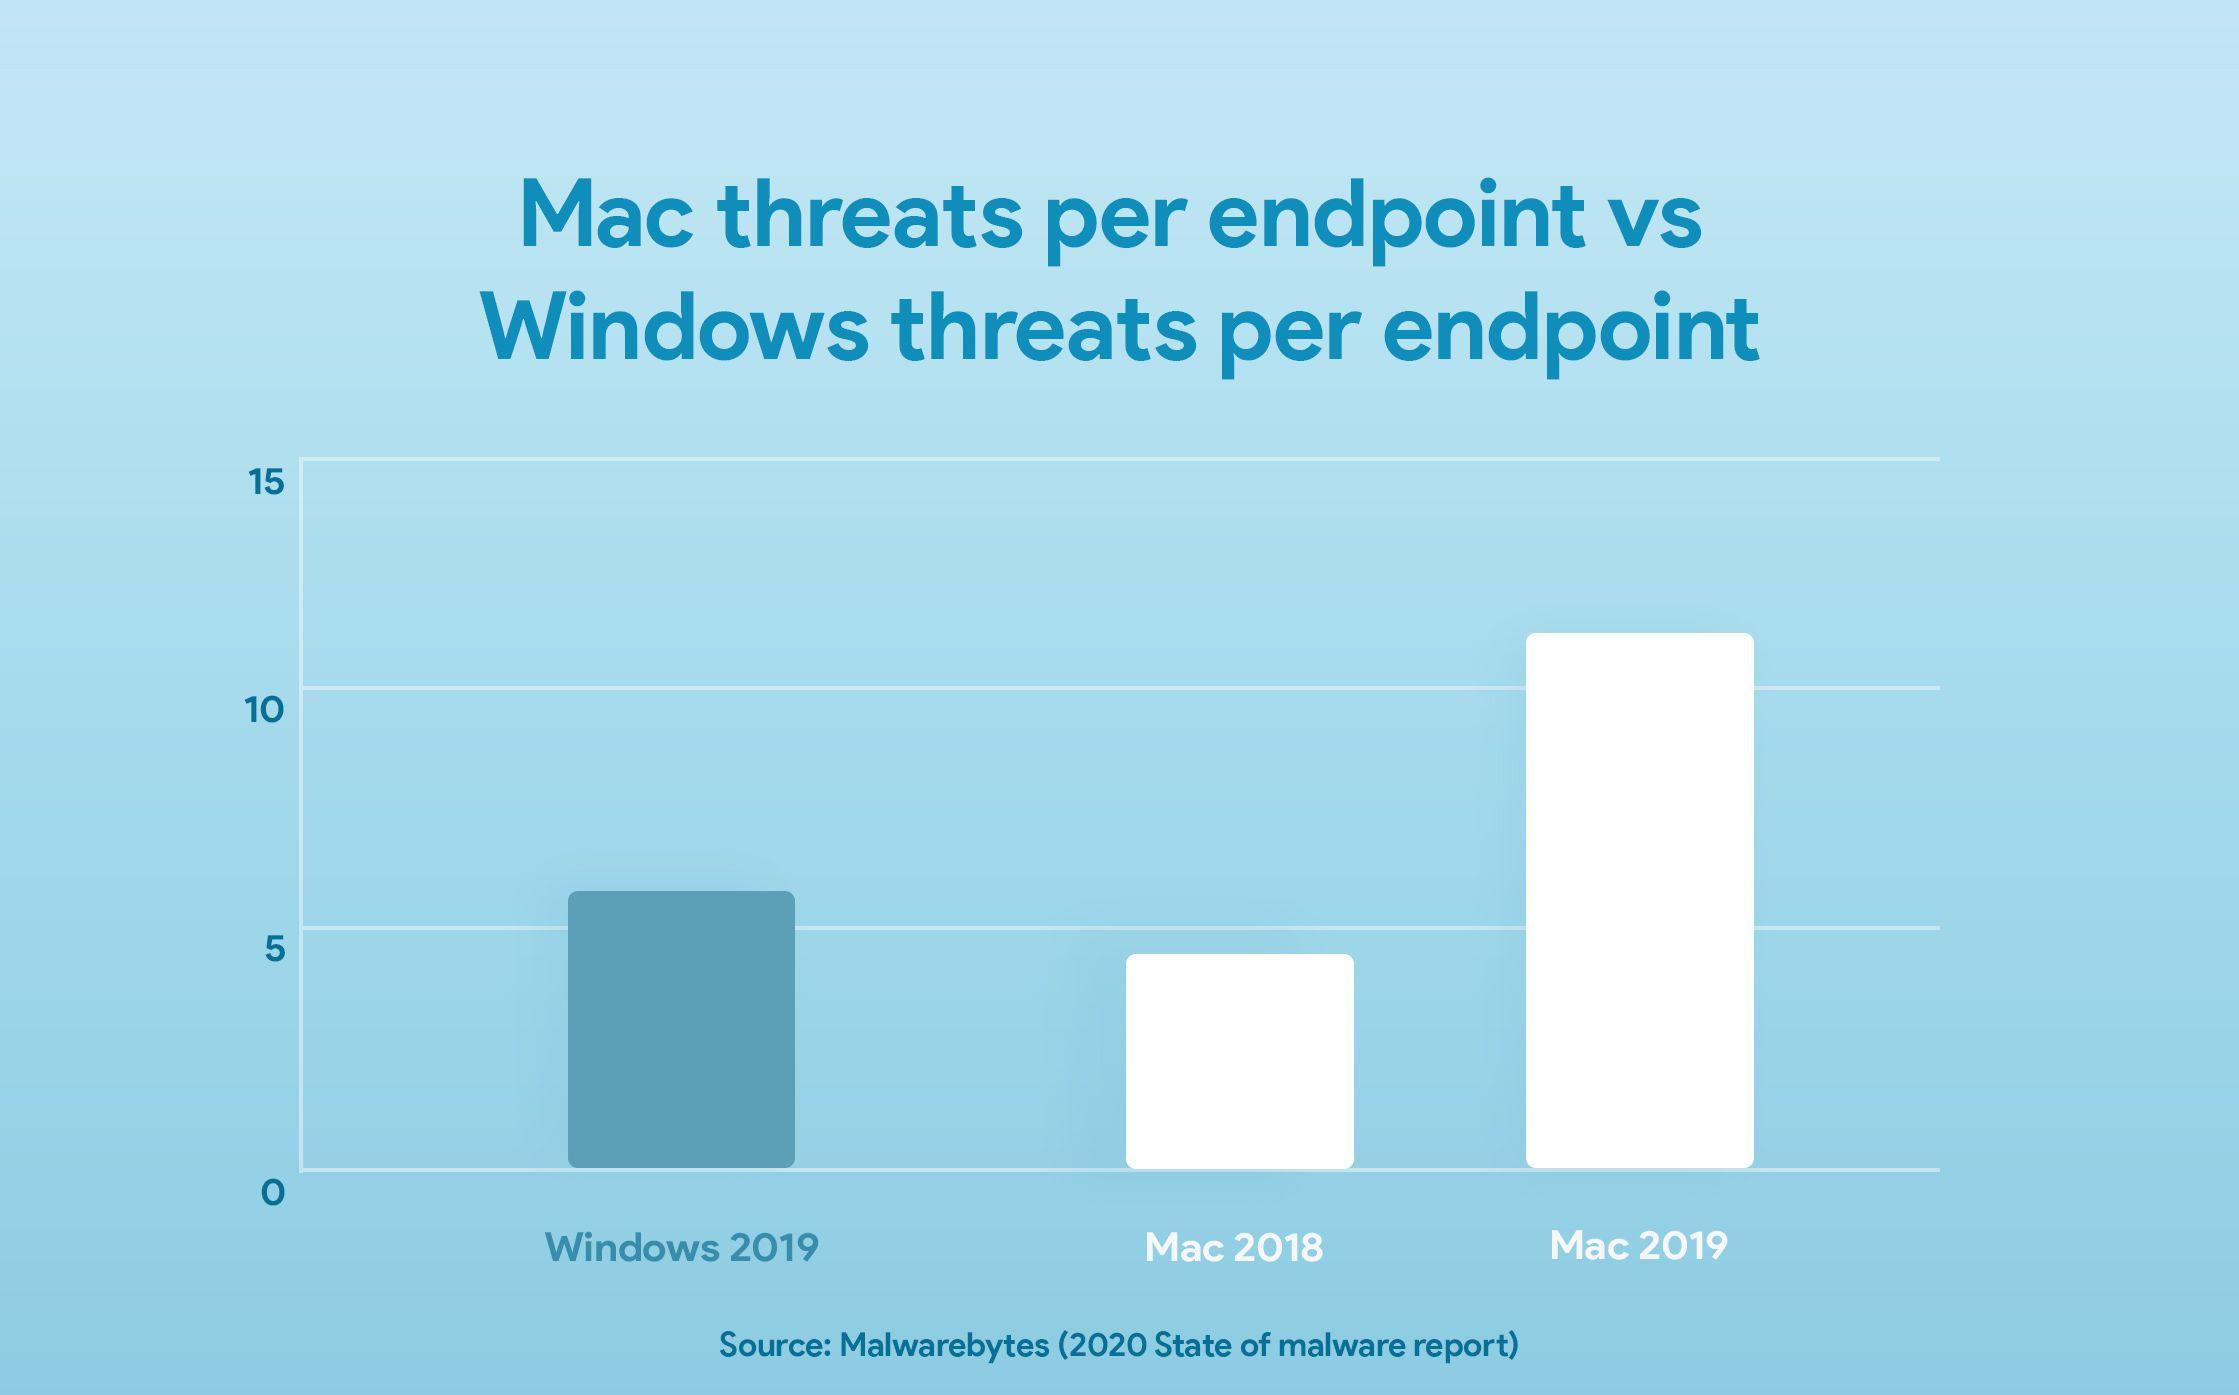 Mac threats per endpoint vs. Windows threats per endpoint